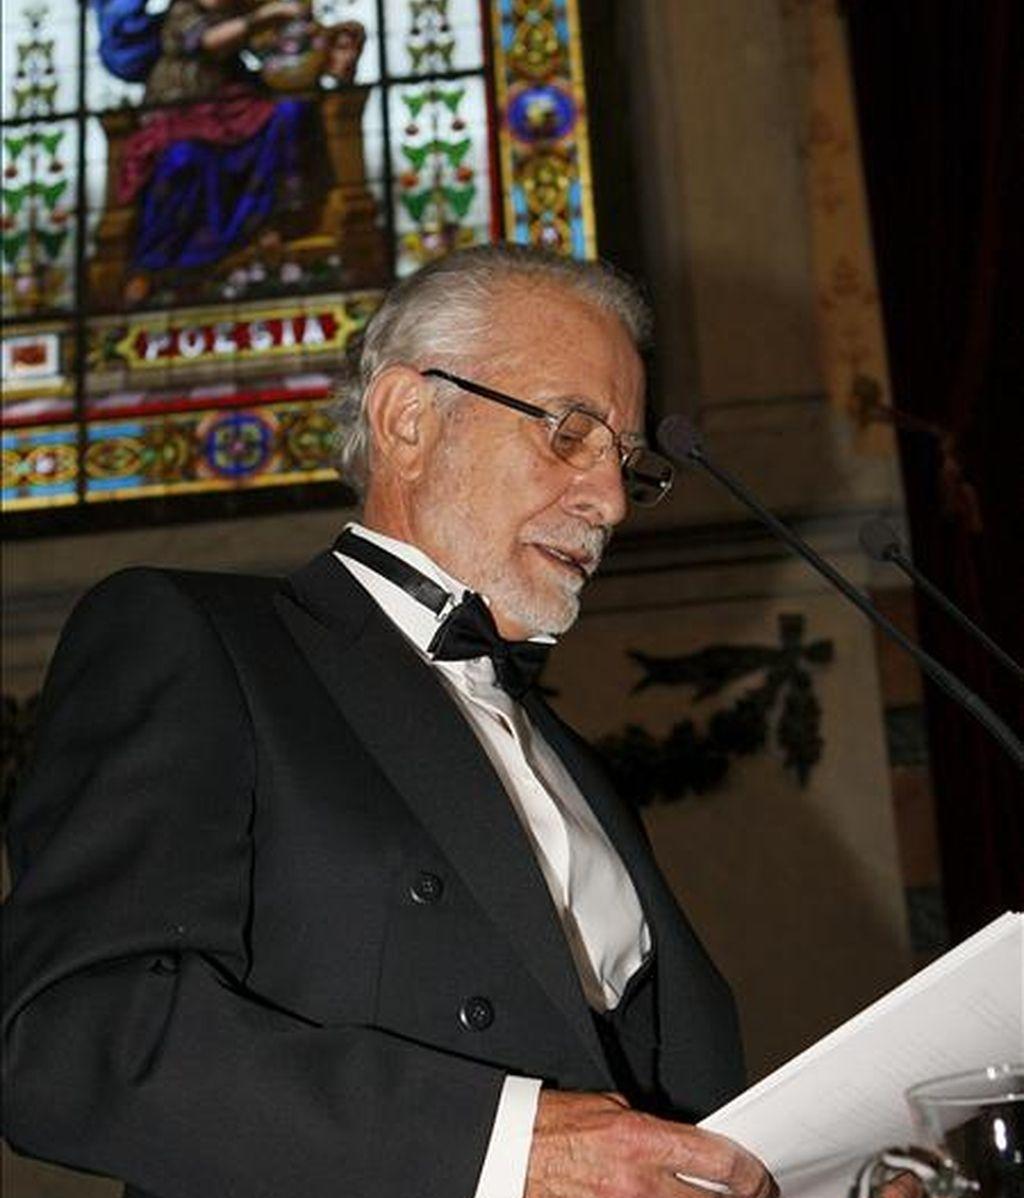 """El escritor José María Merino durante su discurso """"Ficción de verdad"""" en el acto de su ingreso en la Real Academia Española que se celebró ayer  en Madrid. EFE"""